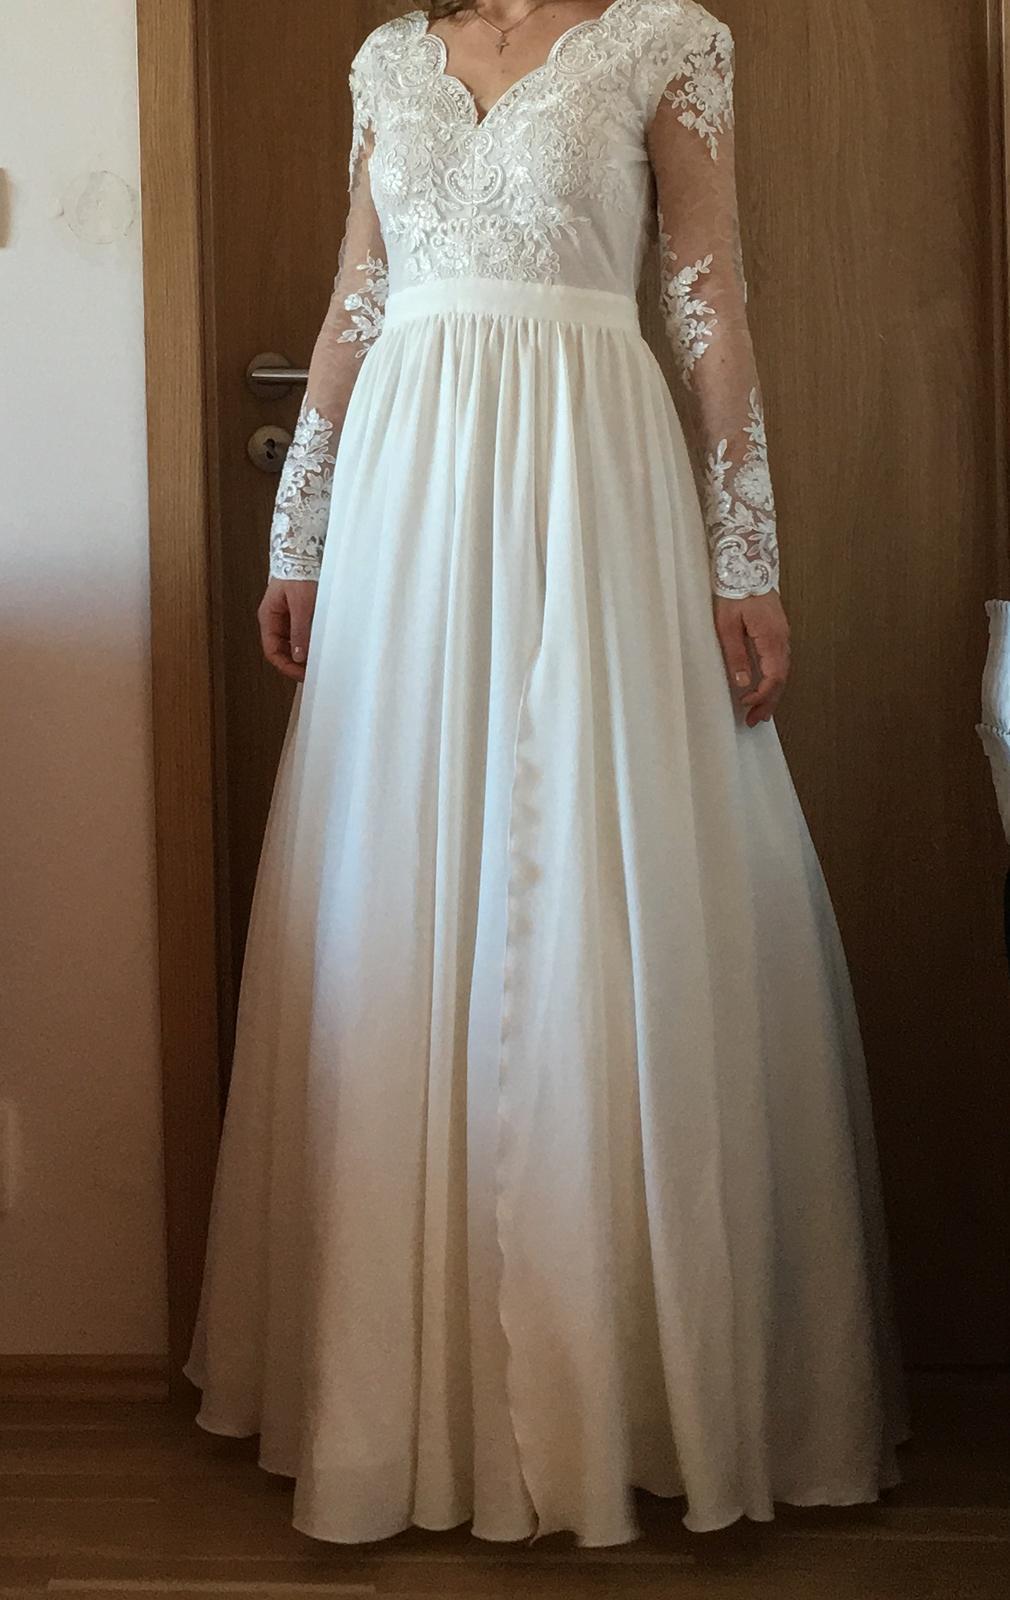 Svatební šaty, vel S, 36 - Obrázek č. 3